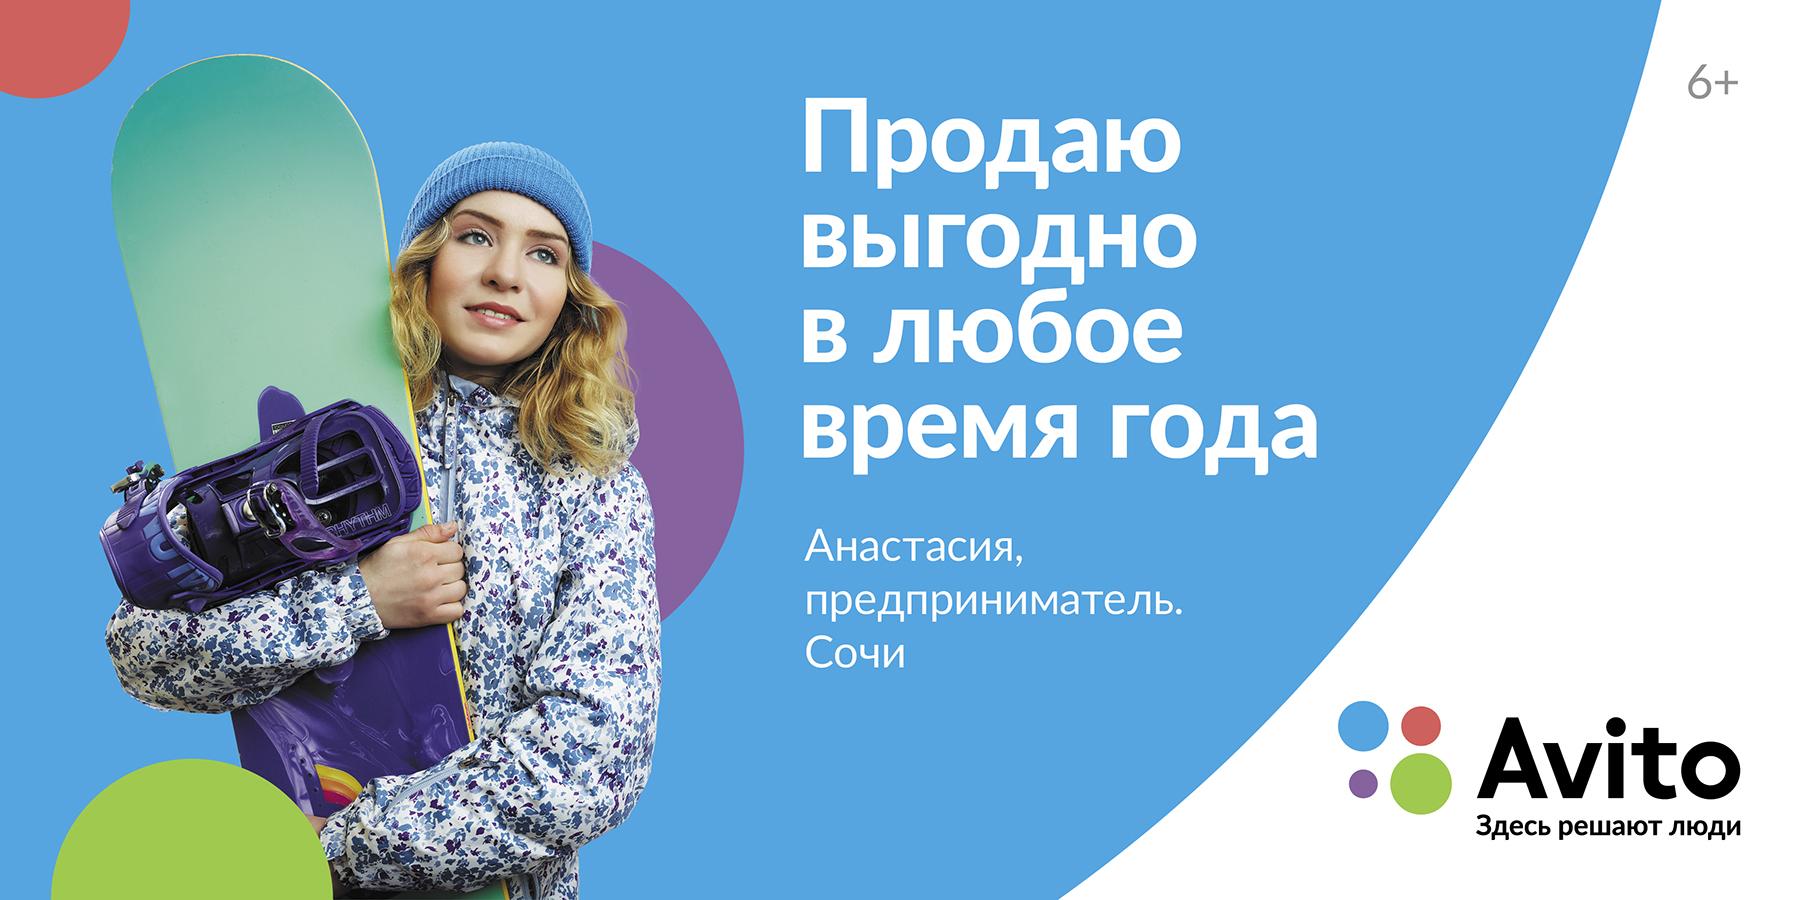 Avito_Entrepreneur_6x3.jpg